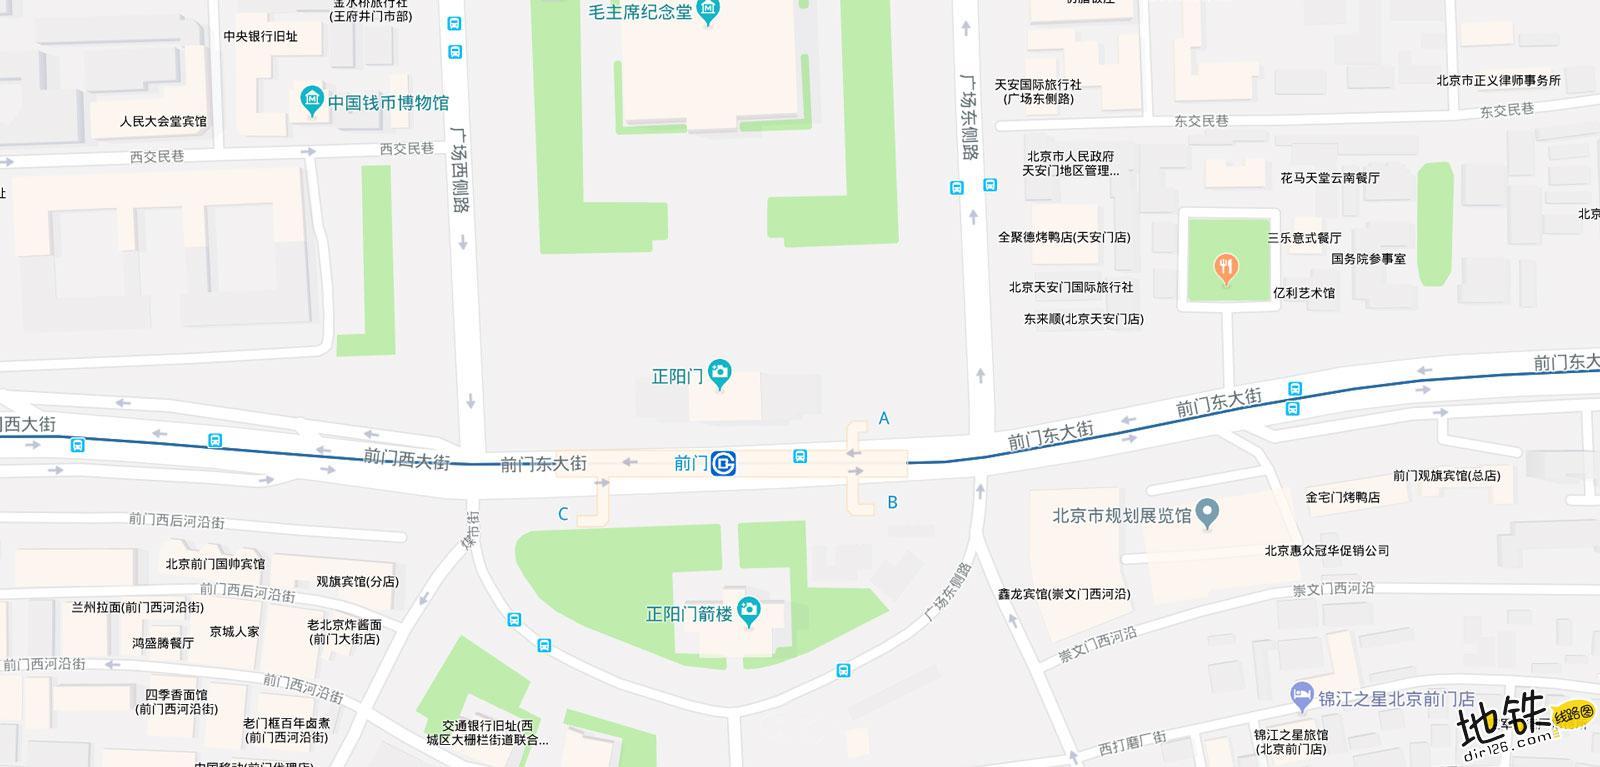 前门地铁站 北京地铁前门站出入口 地图信息查询  北京地铁站  第2张